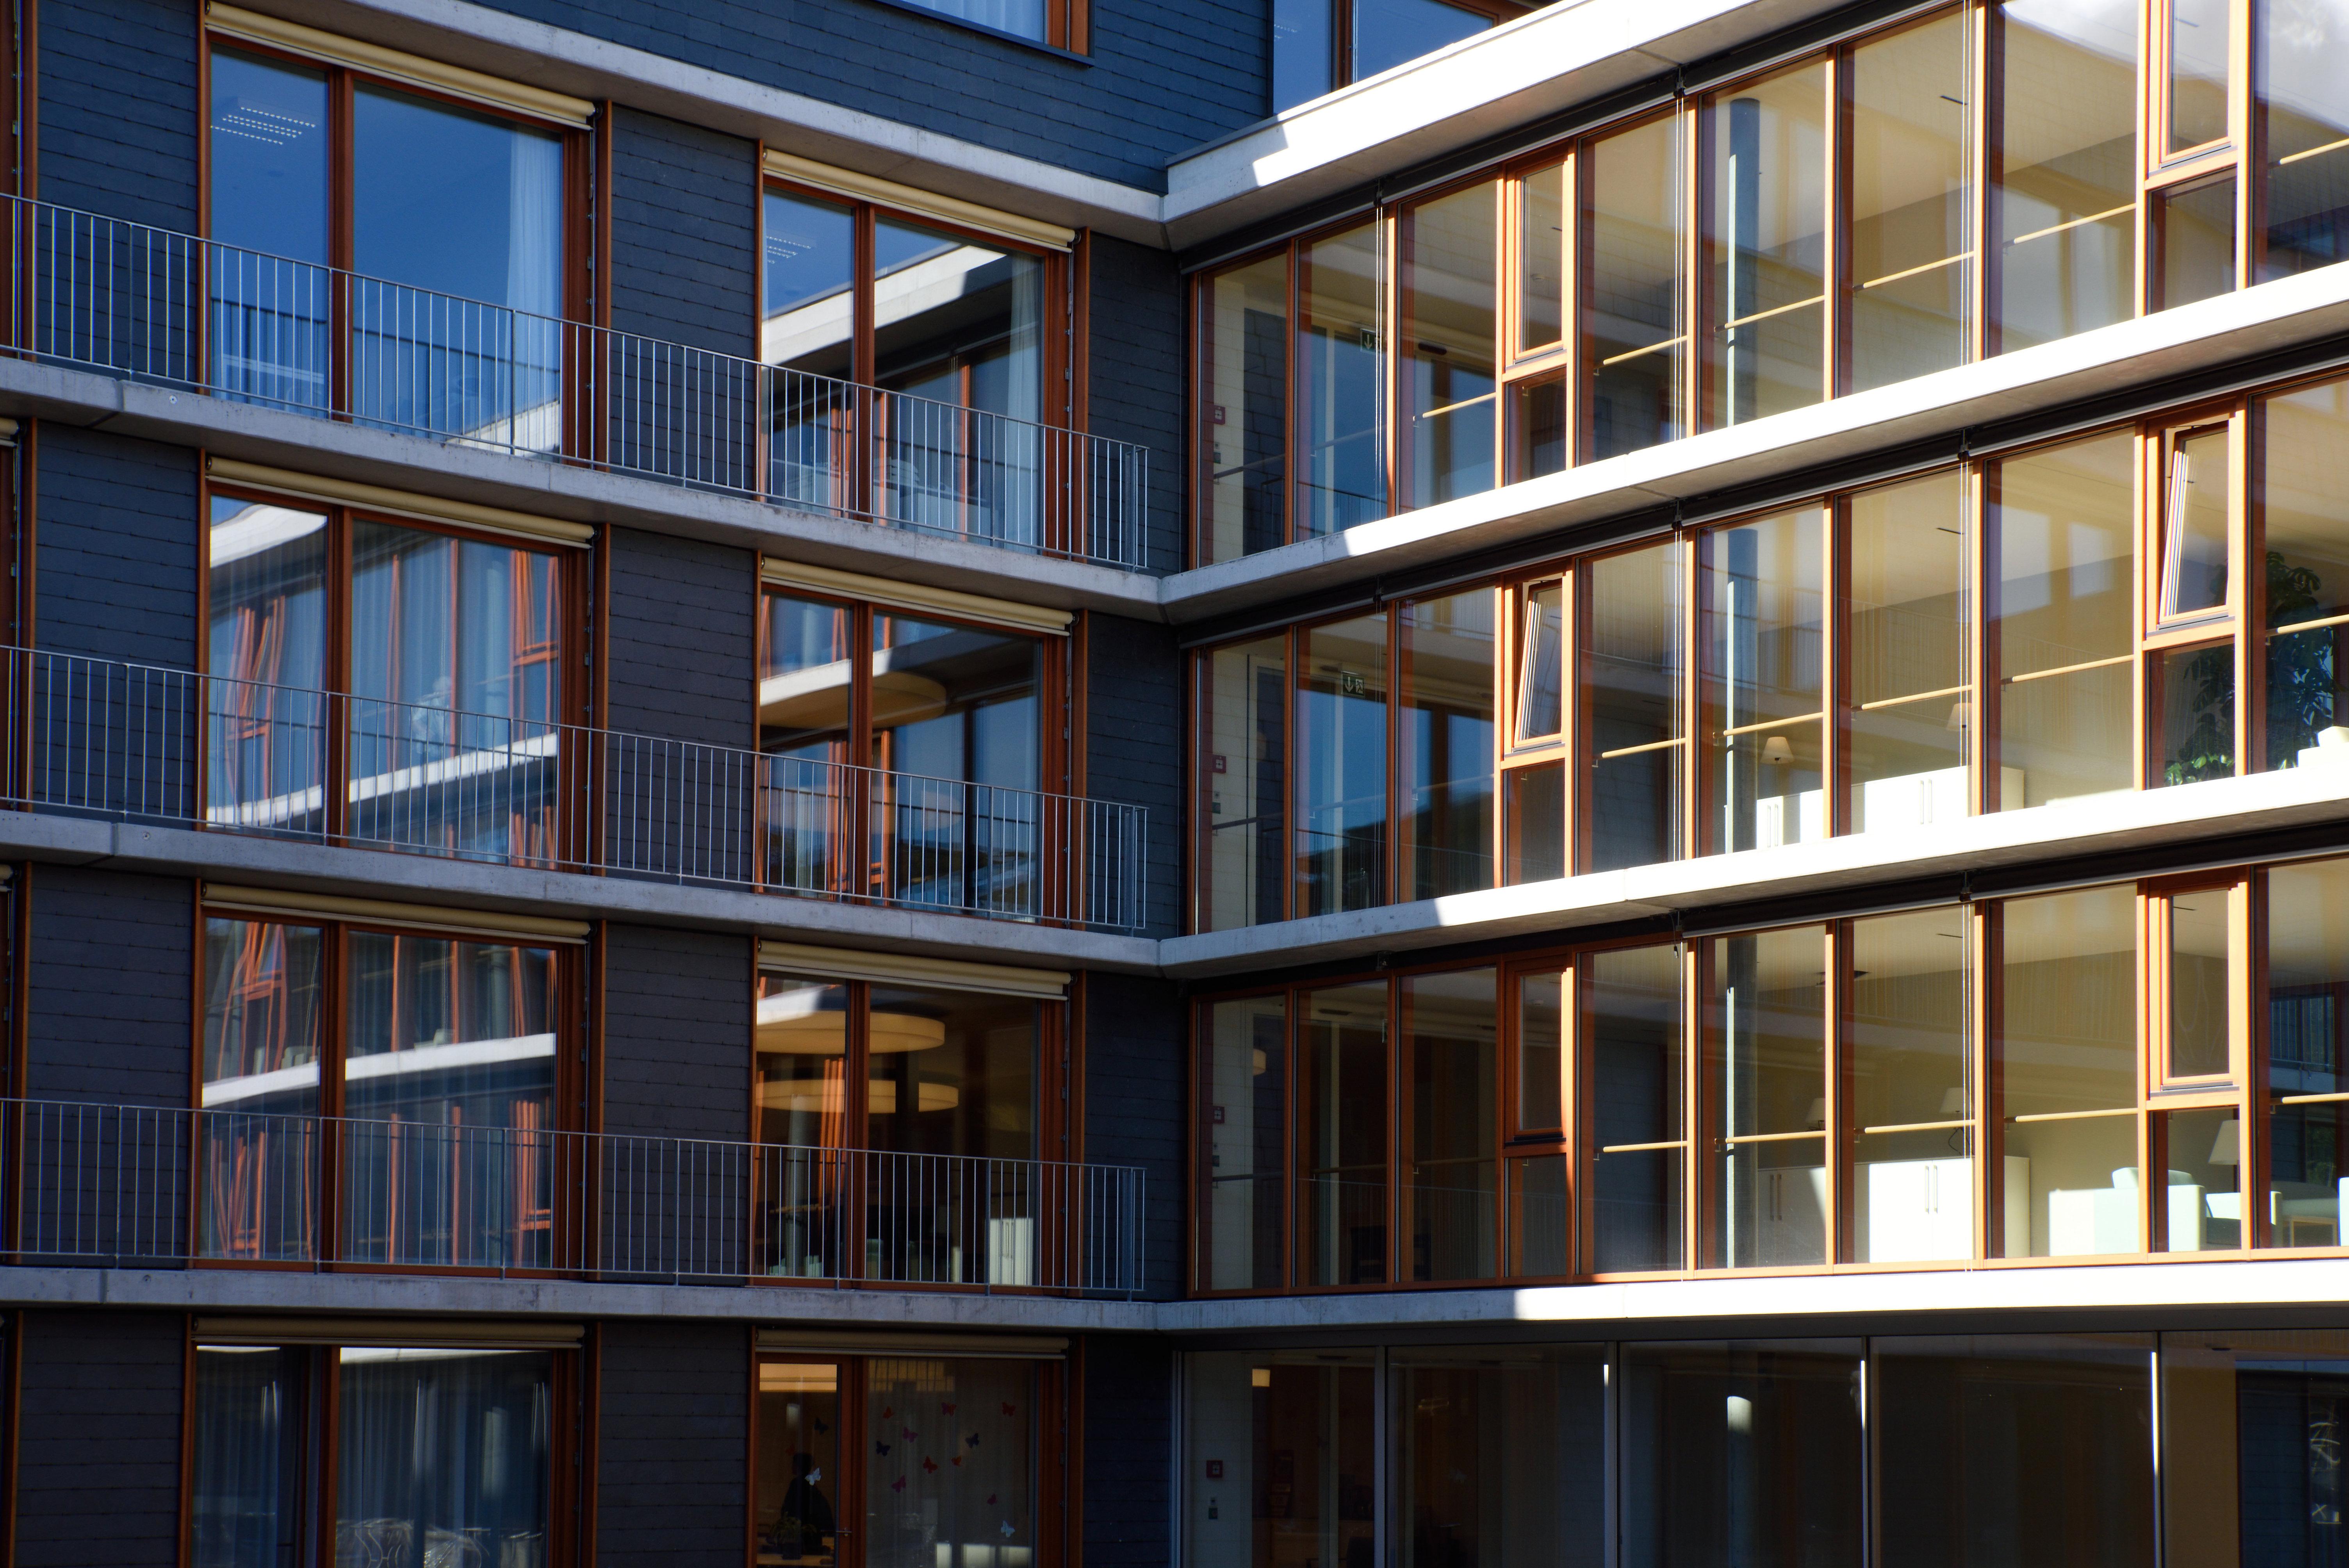 Mehrgeschossiges Wohngebäude mit raumhohen Fenstern und Pfosten-Riegelelemente in Naturholz